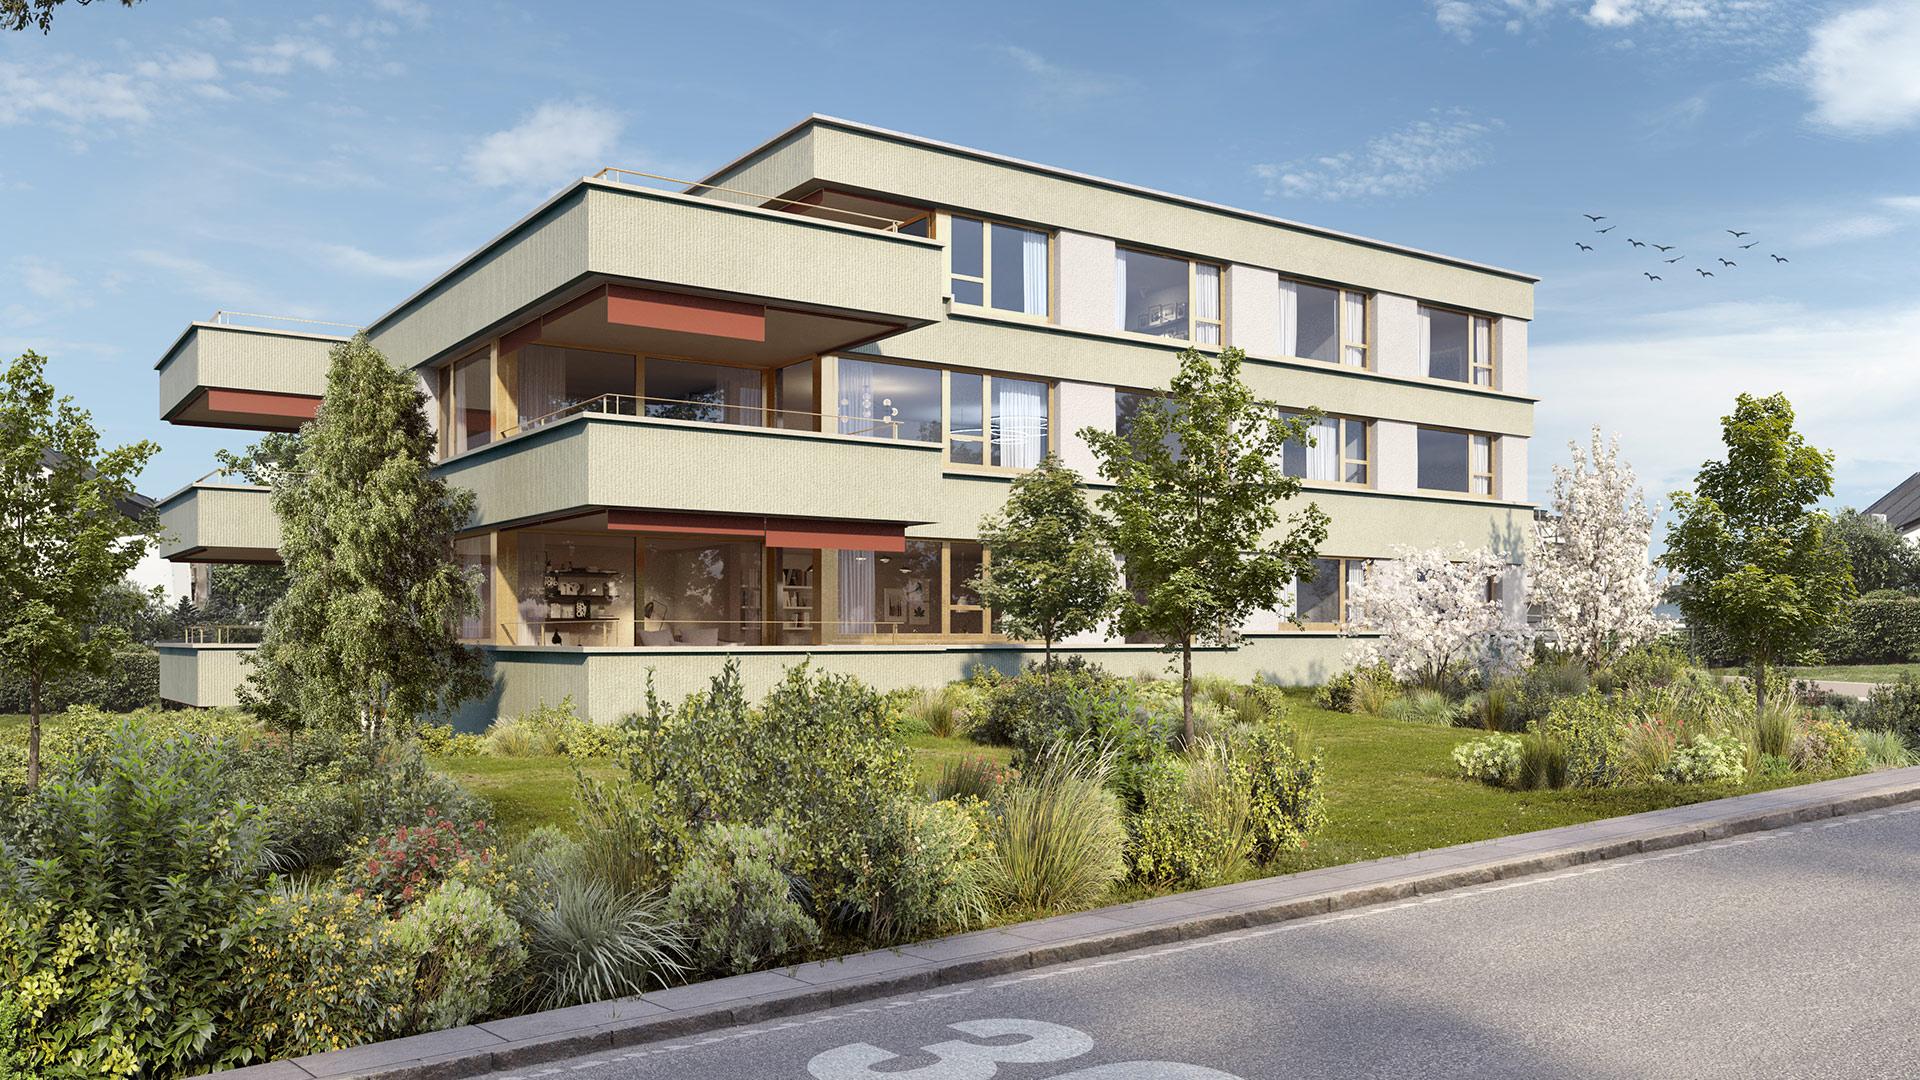 Wohnen im Park Berikon - Wohnung B1